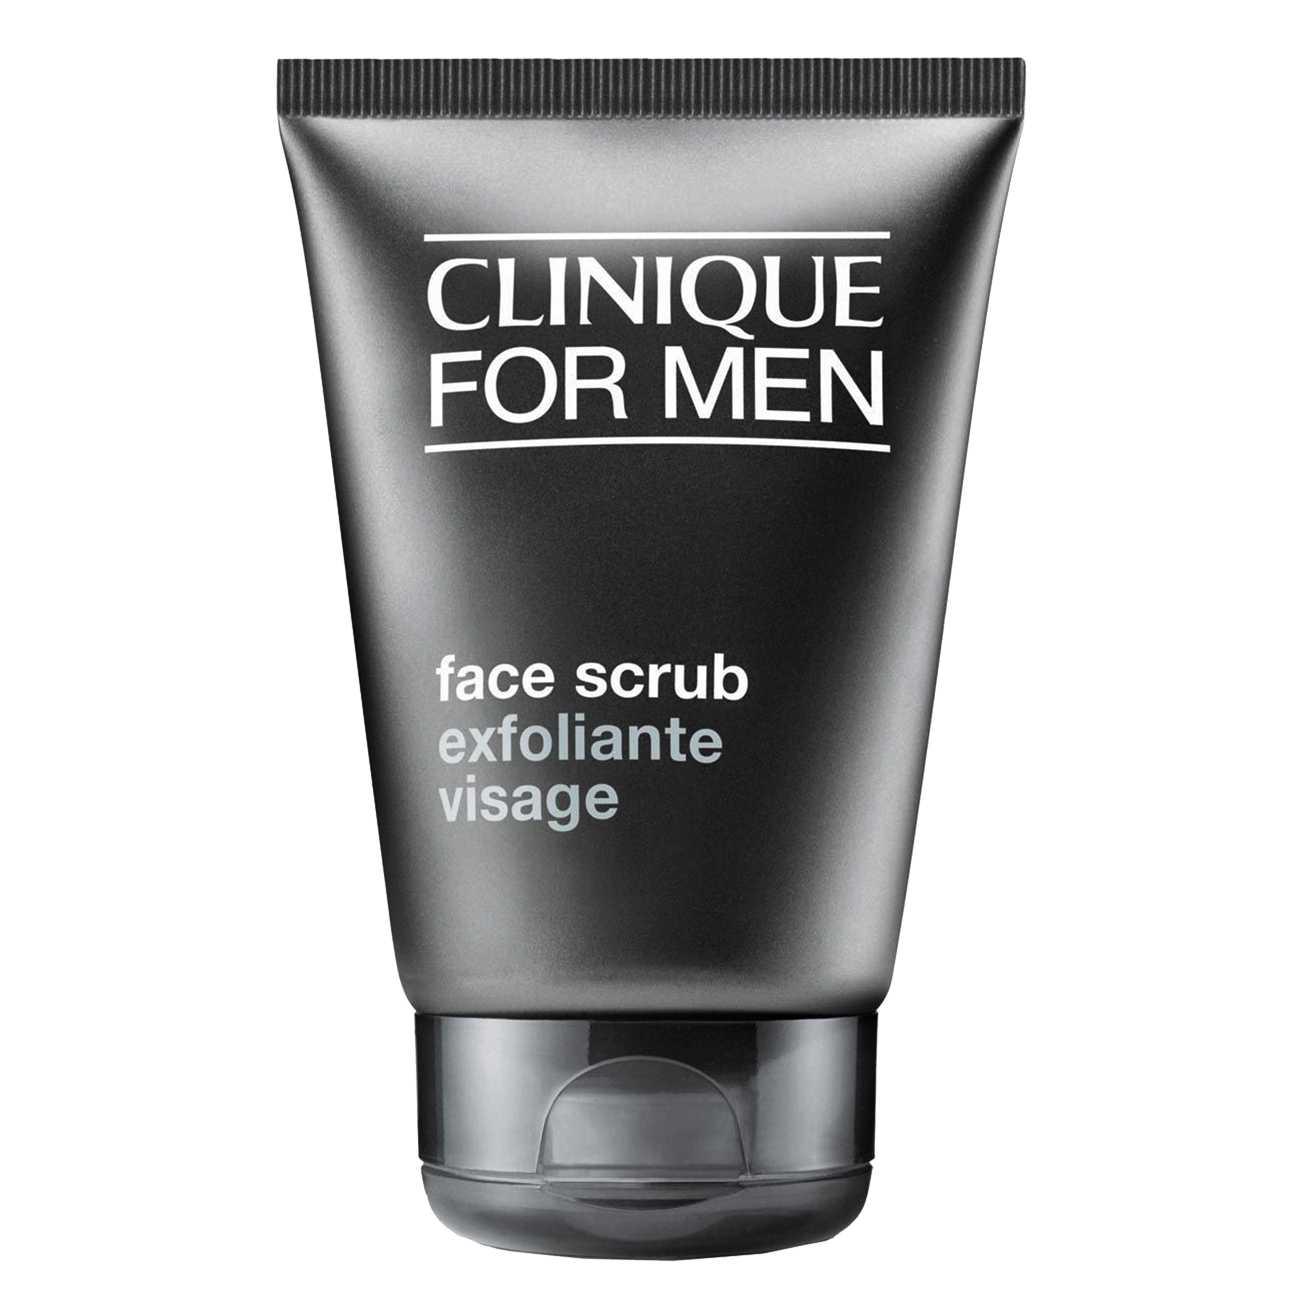 For Men Face Scrub 100 Ml Clinique imagine 2021 bestvalue.eu